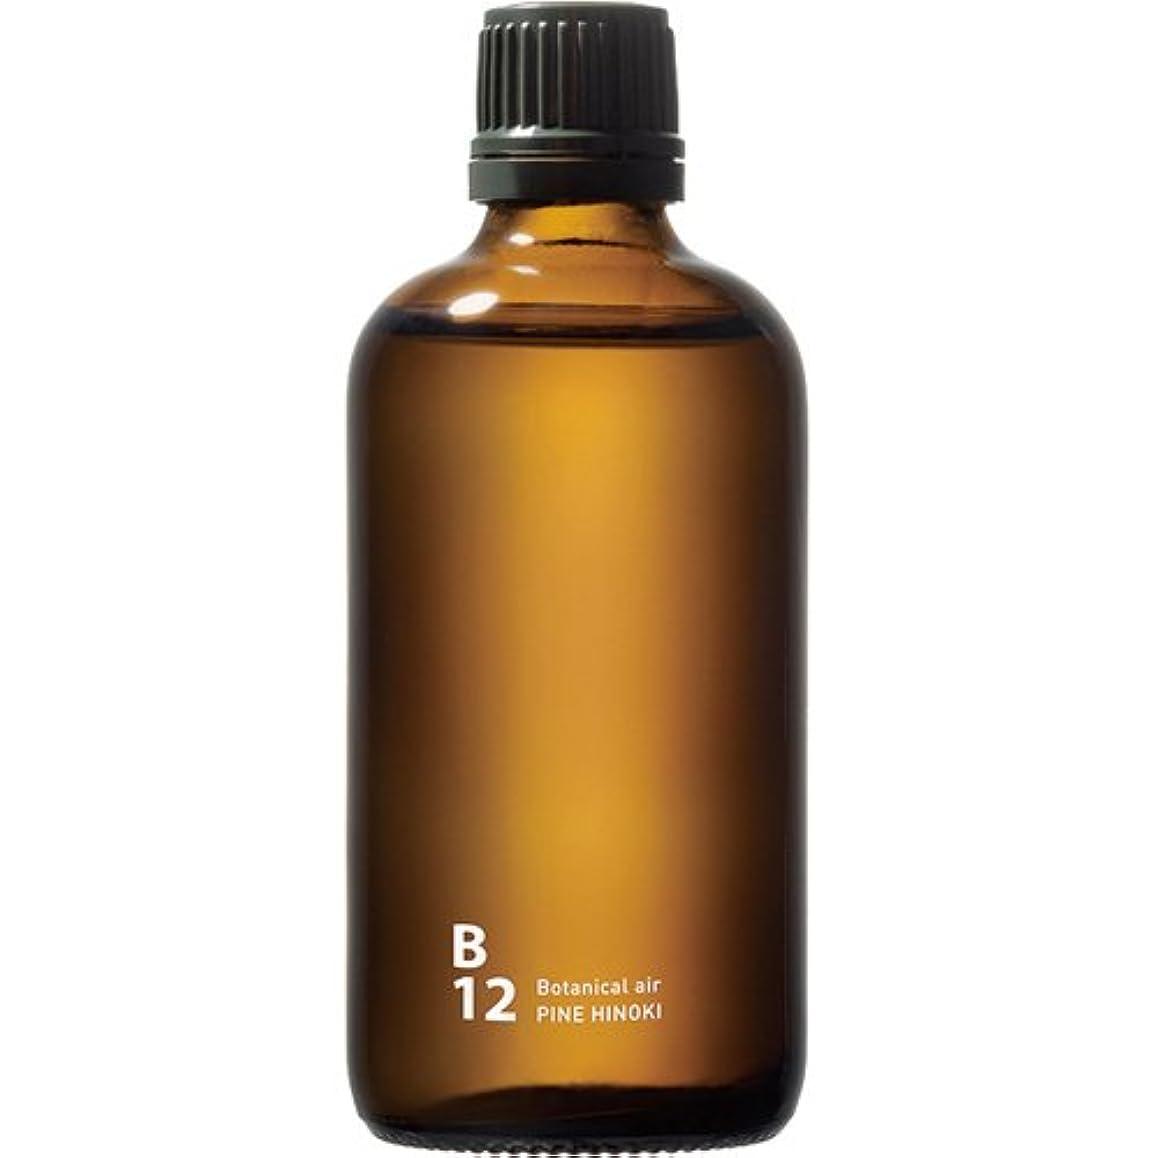 スープオプショナル規制するB12 PINE HINOKI piezo aroma oil 100ml